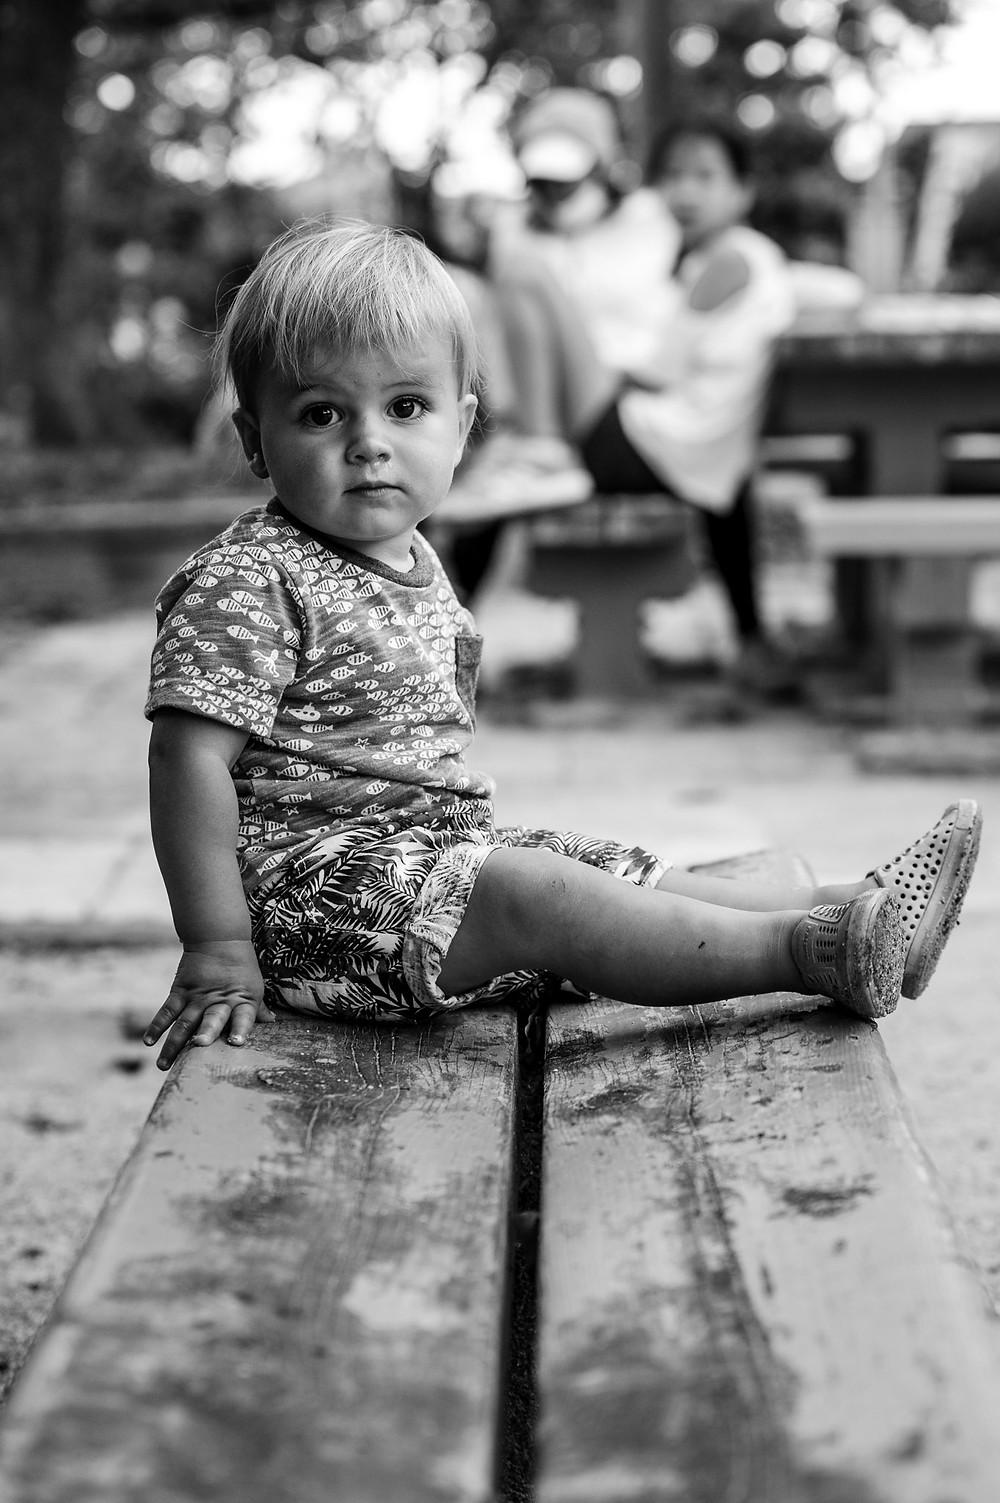 Max at the park